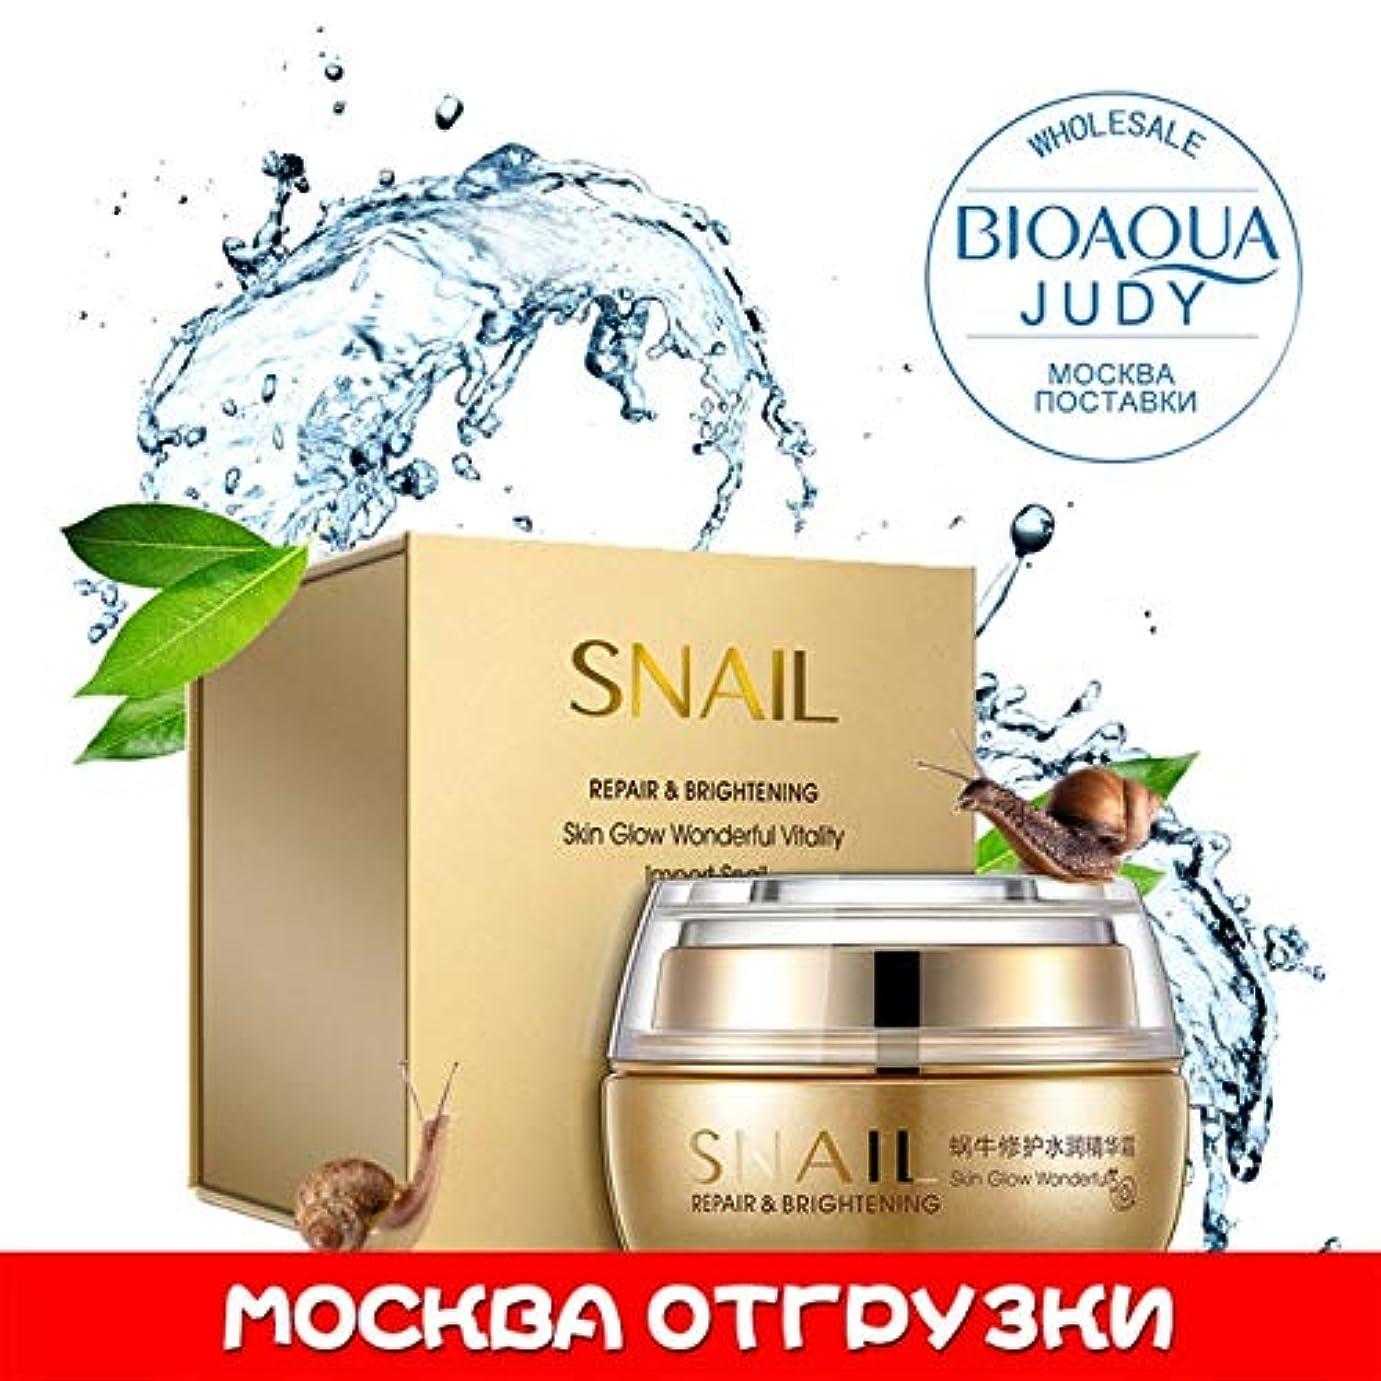 能力フェザー租界BIOAQUAギフトボックスかたつむりフェイスデイクリーム保湿アンチリンクル寧カタツムリ液体フェイシャルケアセット:ロシア連邦